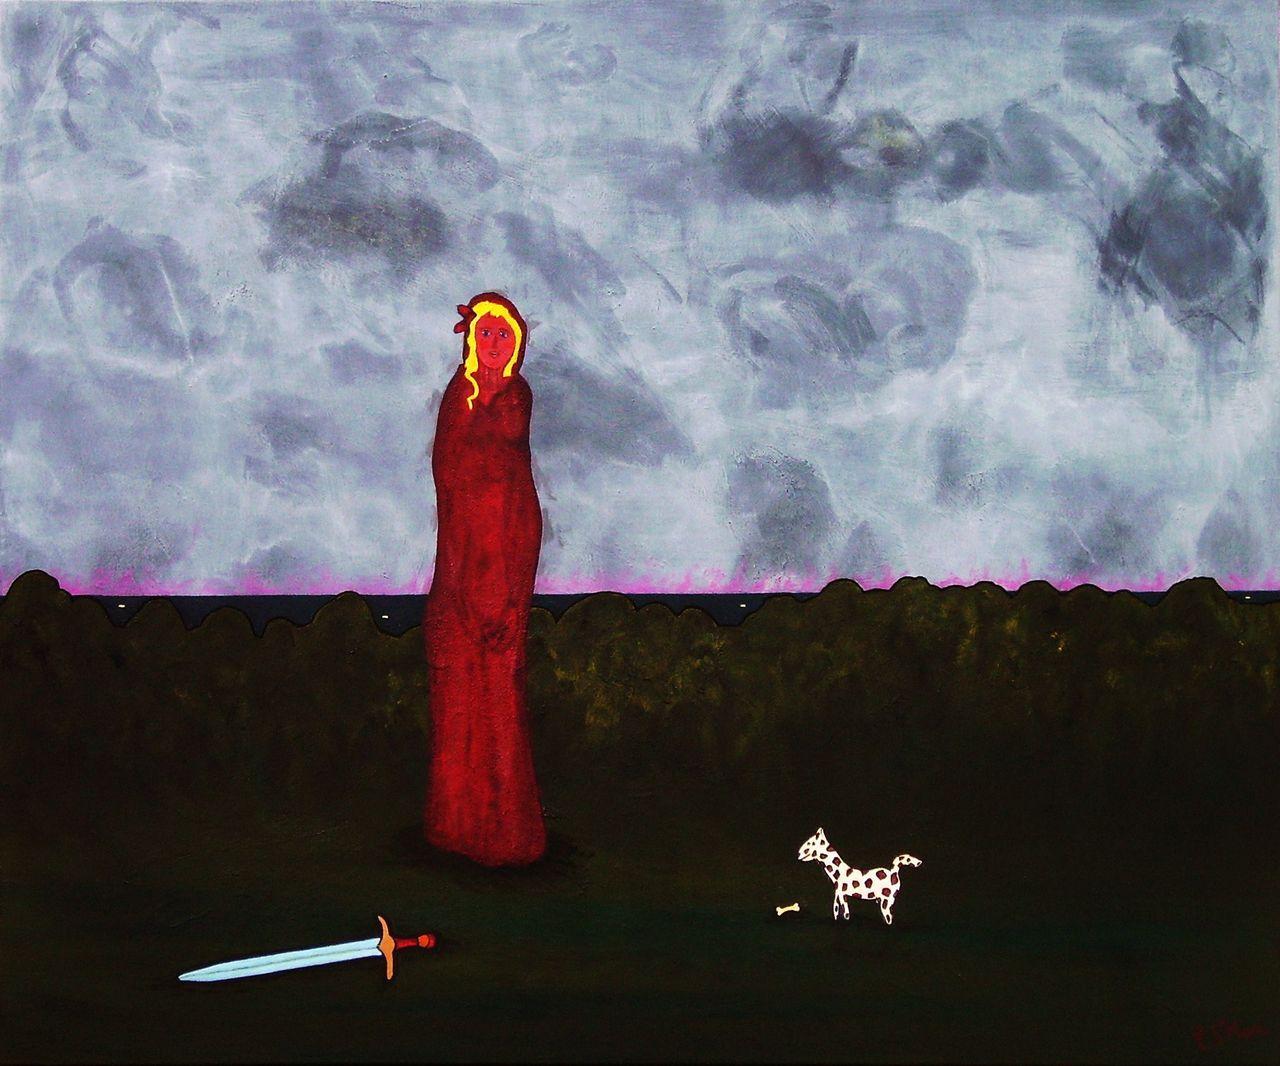 christian saint marc l'épée de la dame au clebs...et son nonos